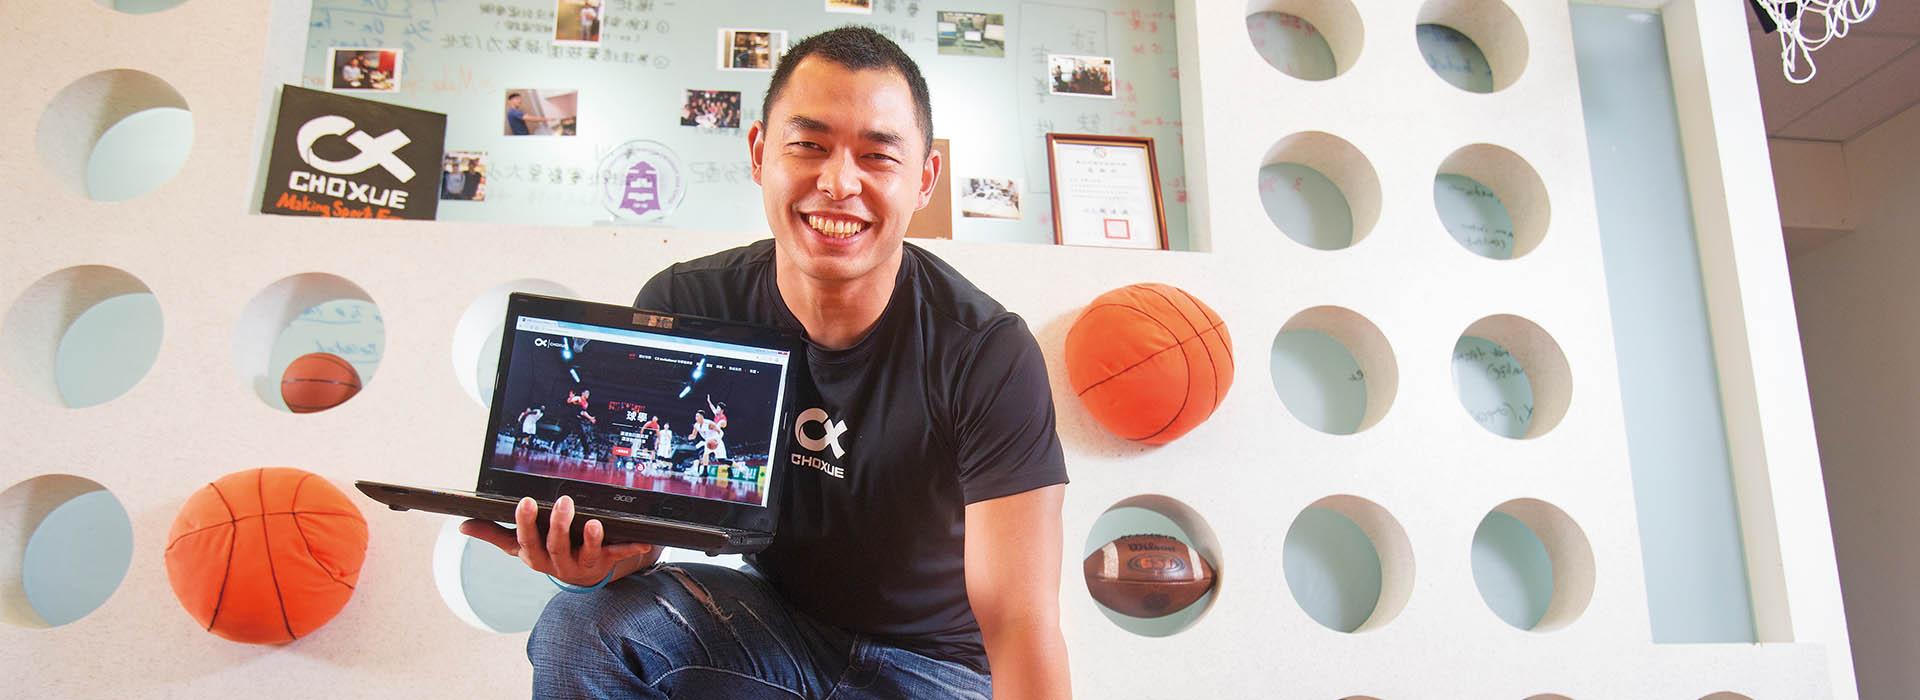 29歲哈佛小子 用熱情翻轉台灣體育